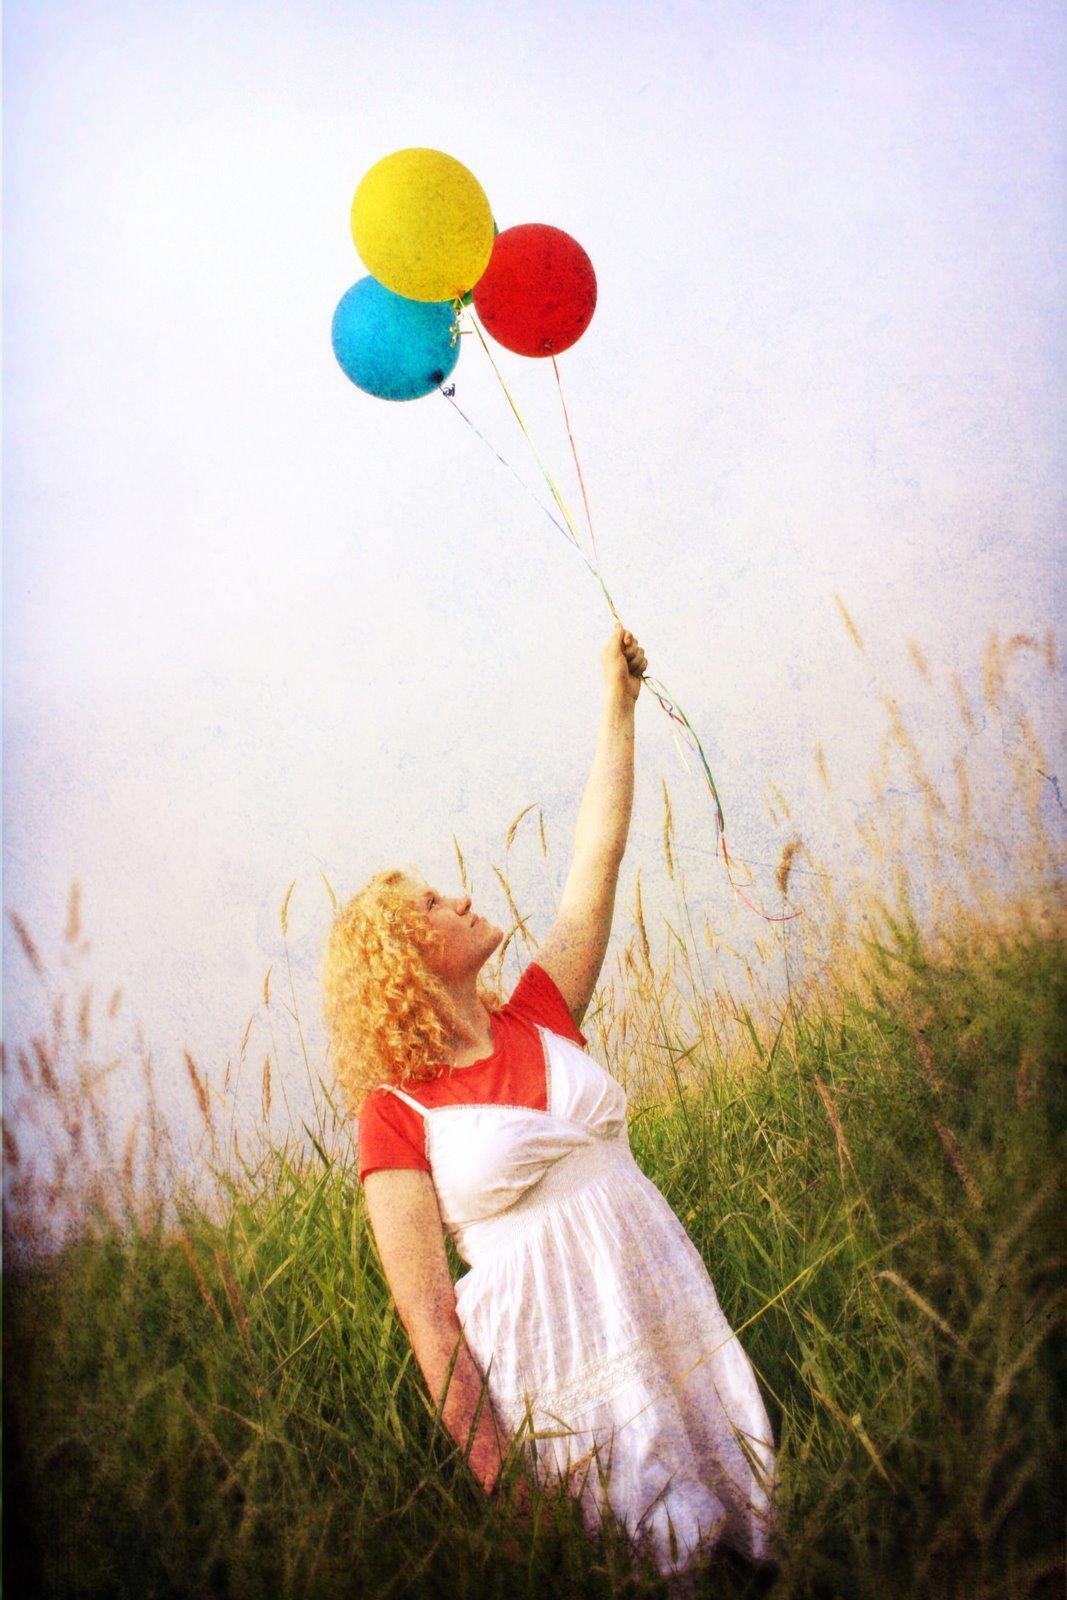 [Anna+ballons.jpg]